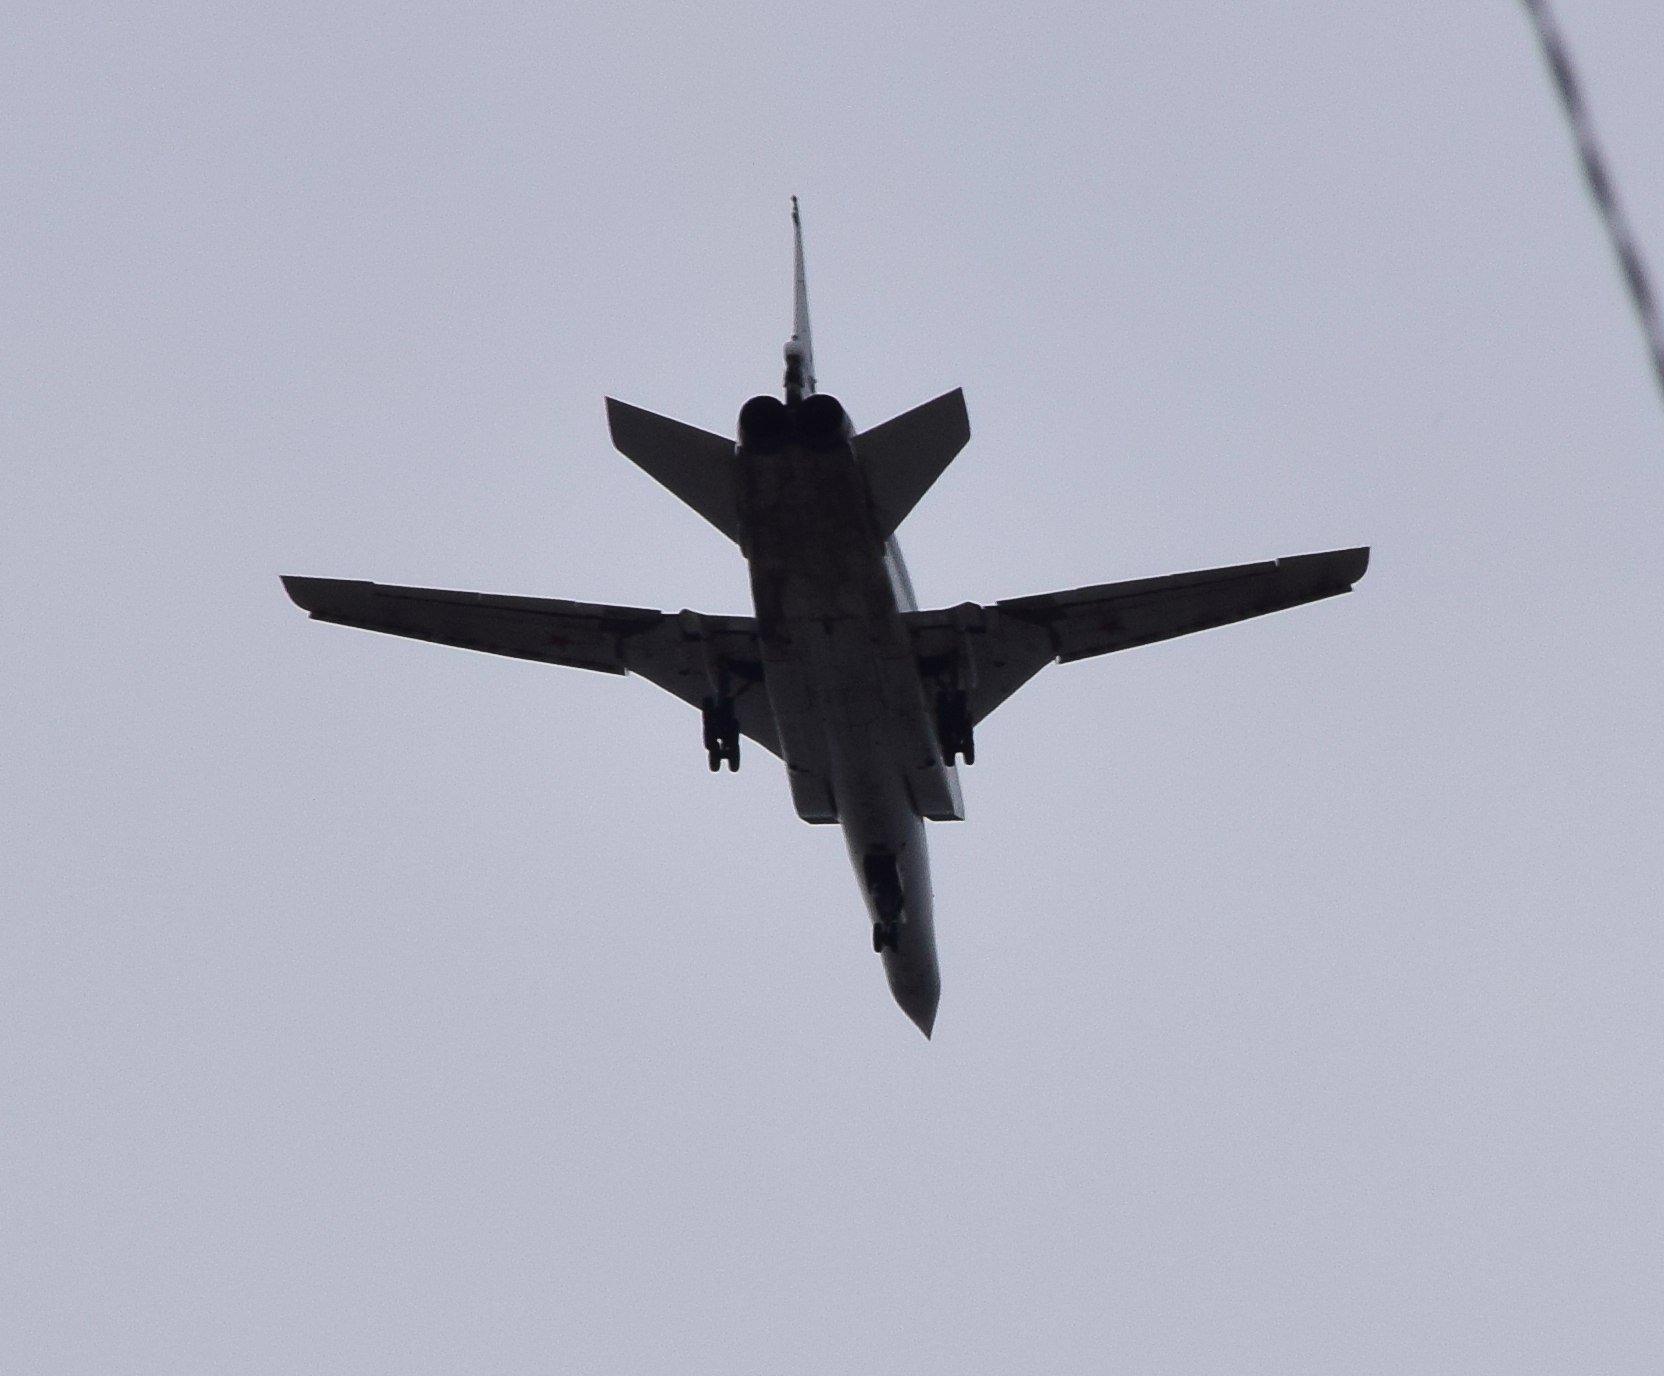 Orosz légi és kozmikus erők UWL4uBhevRc